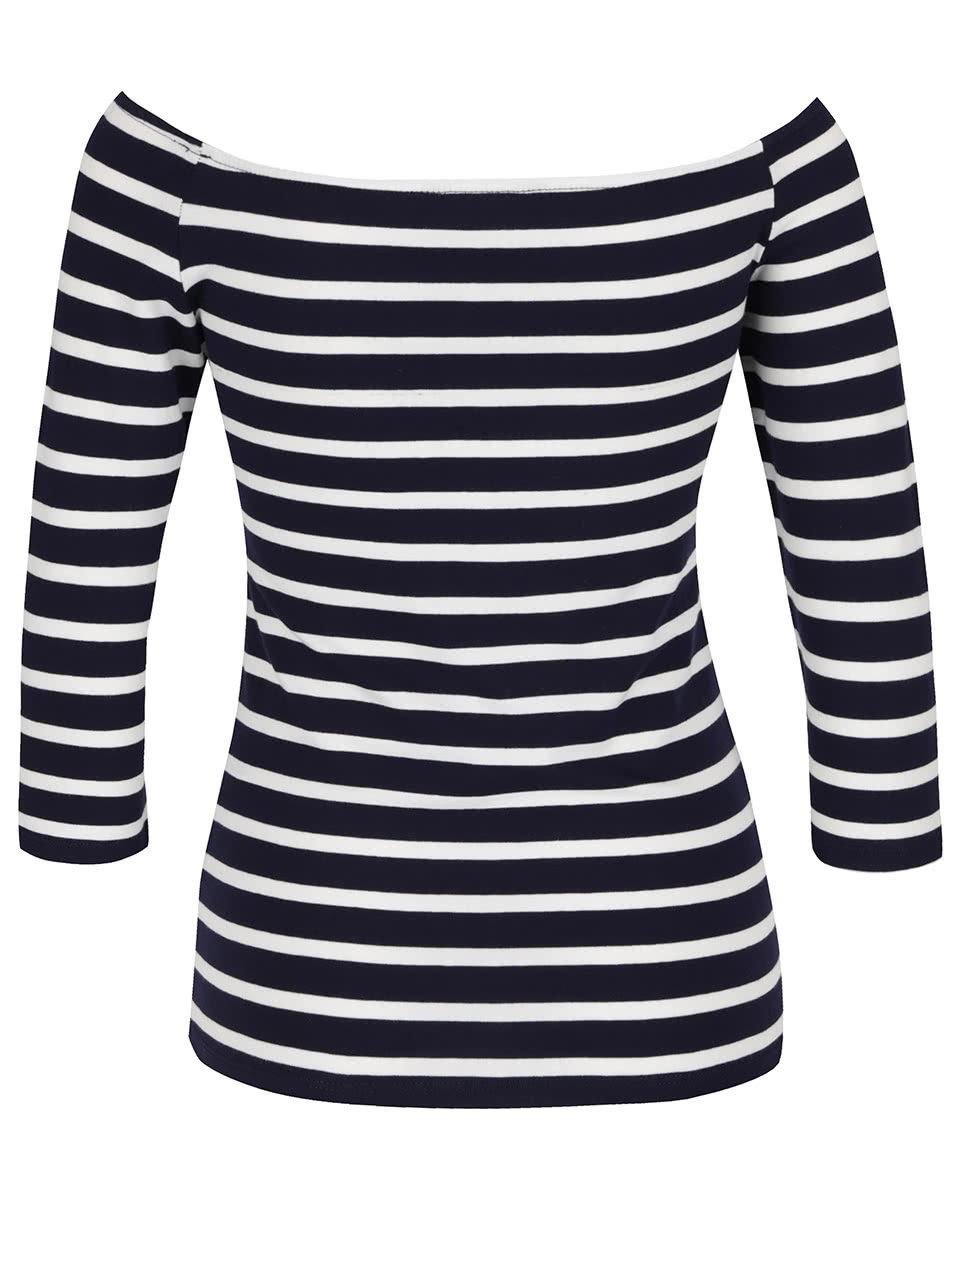 30276ae67b6a Tmavomodré pruhované tričko s lodičkovým výstrihom Dorothy Perkins ...